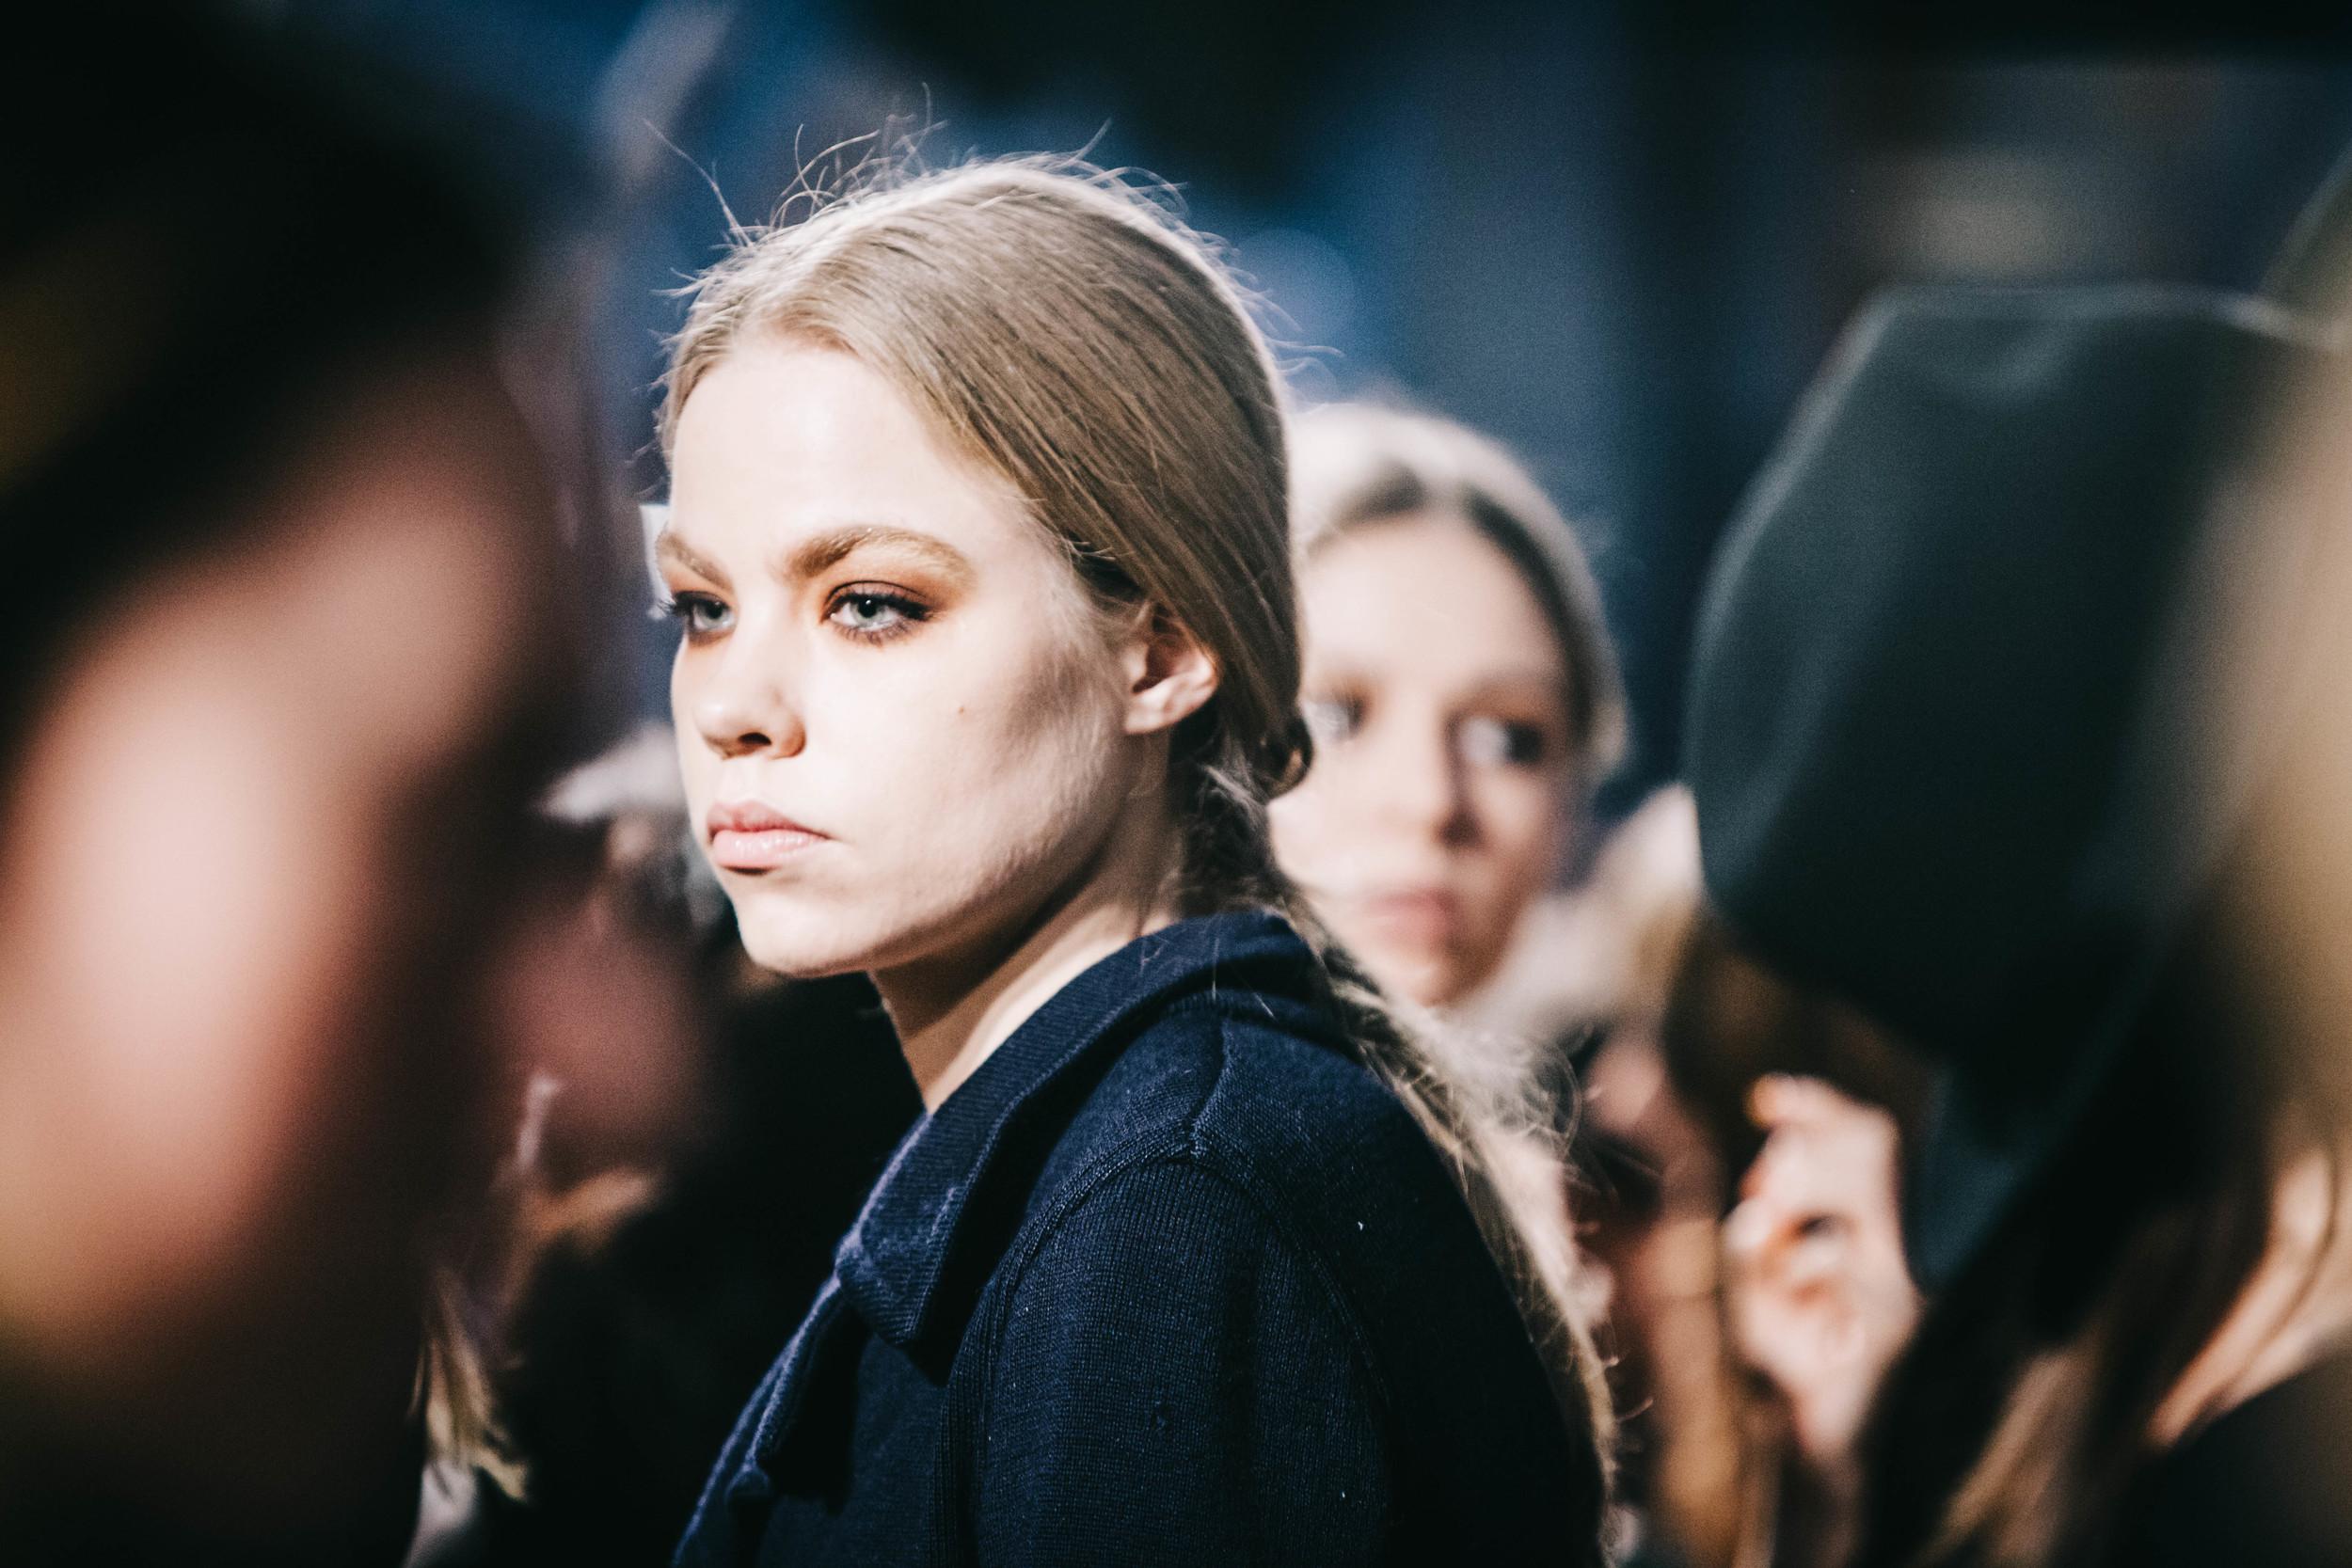 Leanne Marshall / Winter '16